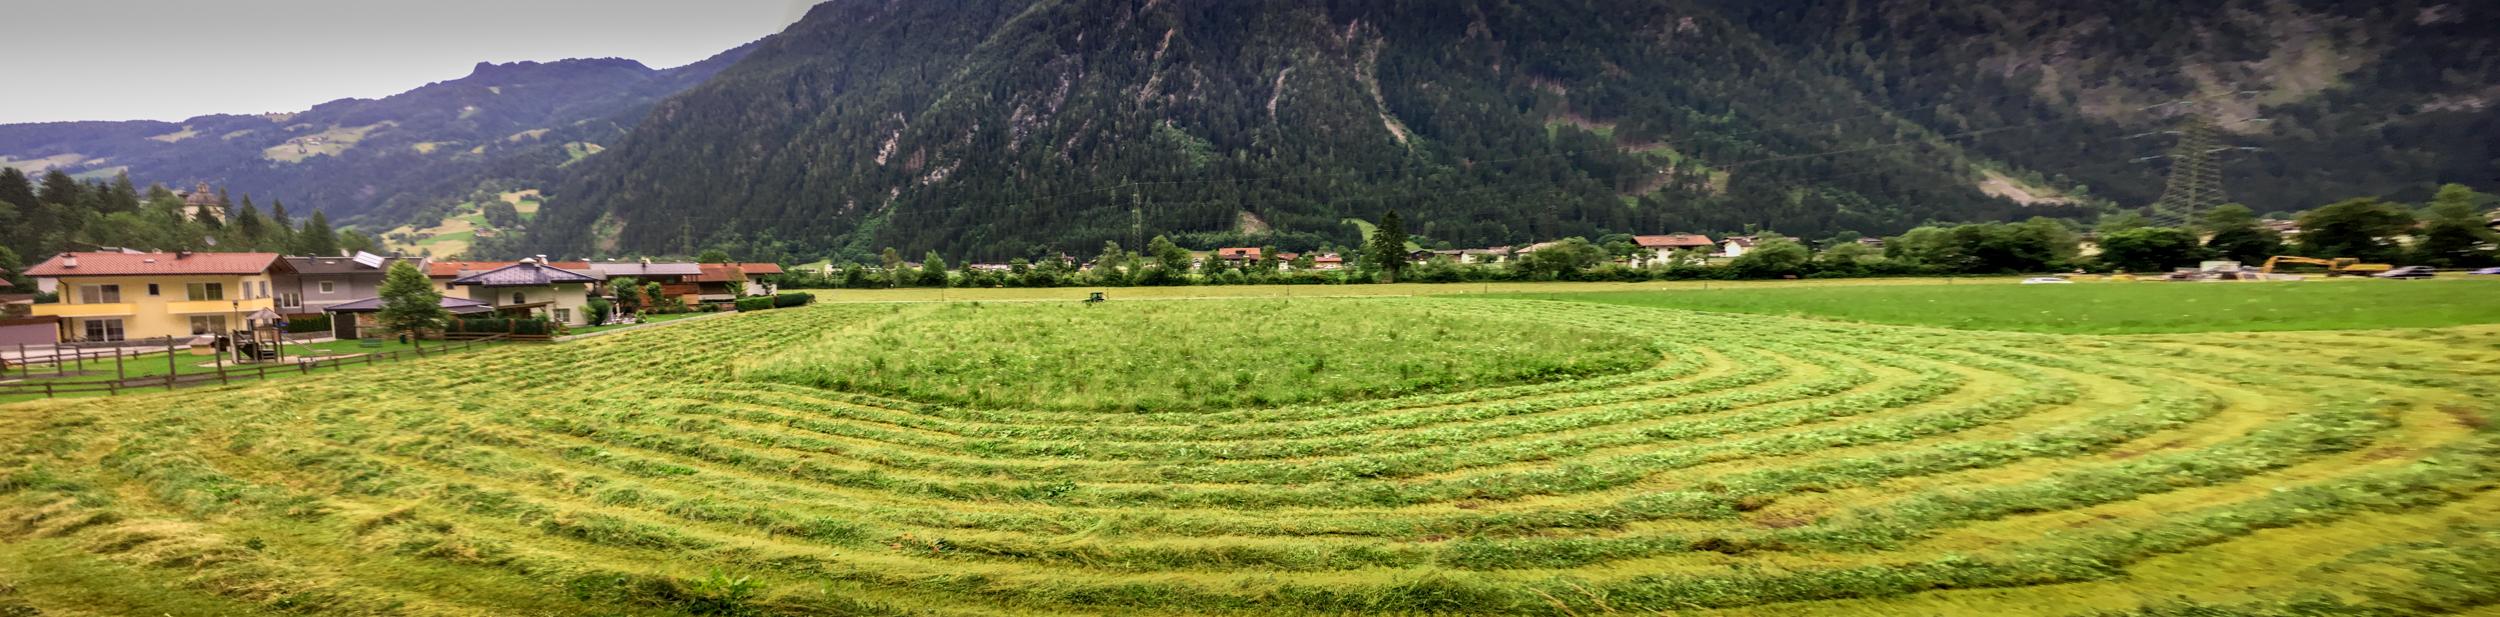 Zillertal Crop Circles